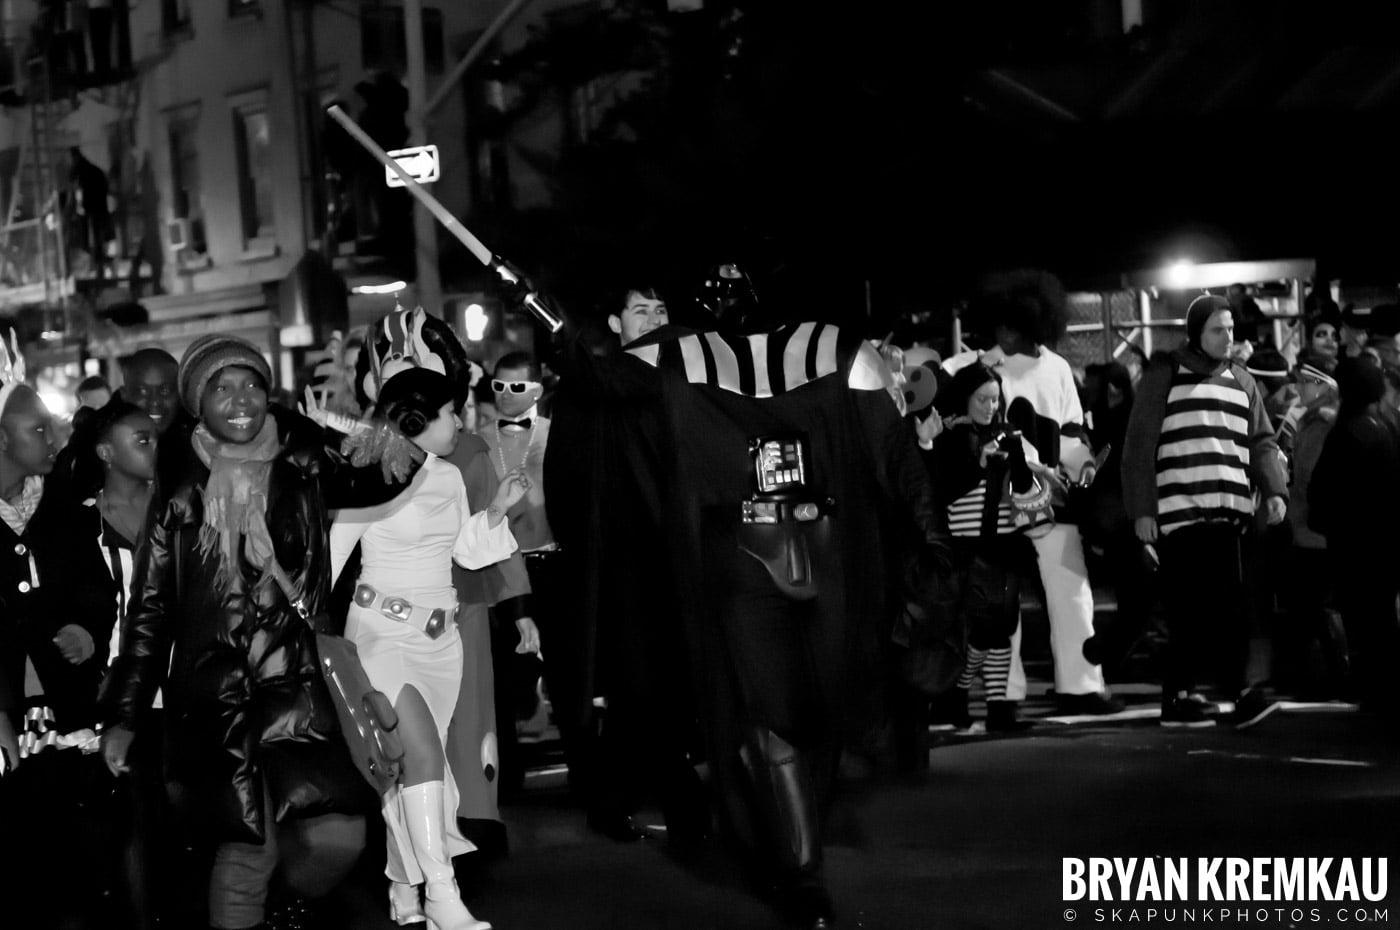 NYC Halloween Parade 2011 @ New York, NY - 10.31.11 (2)